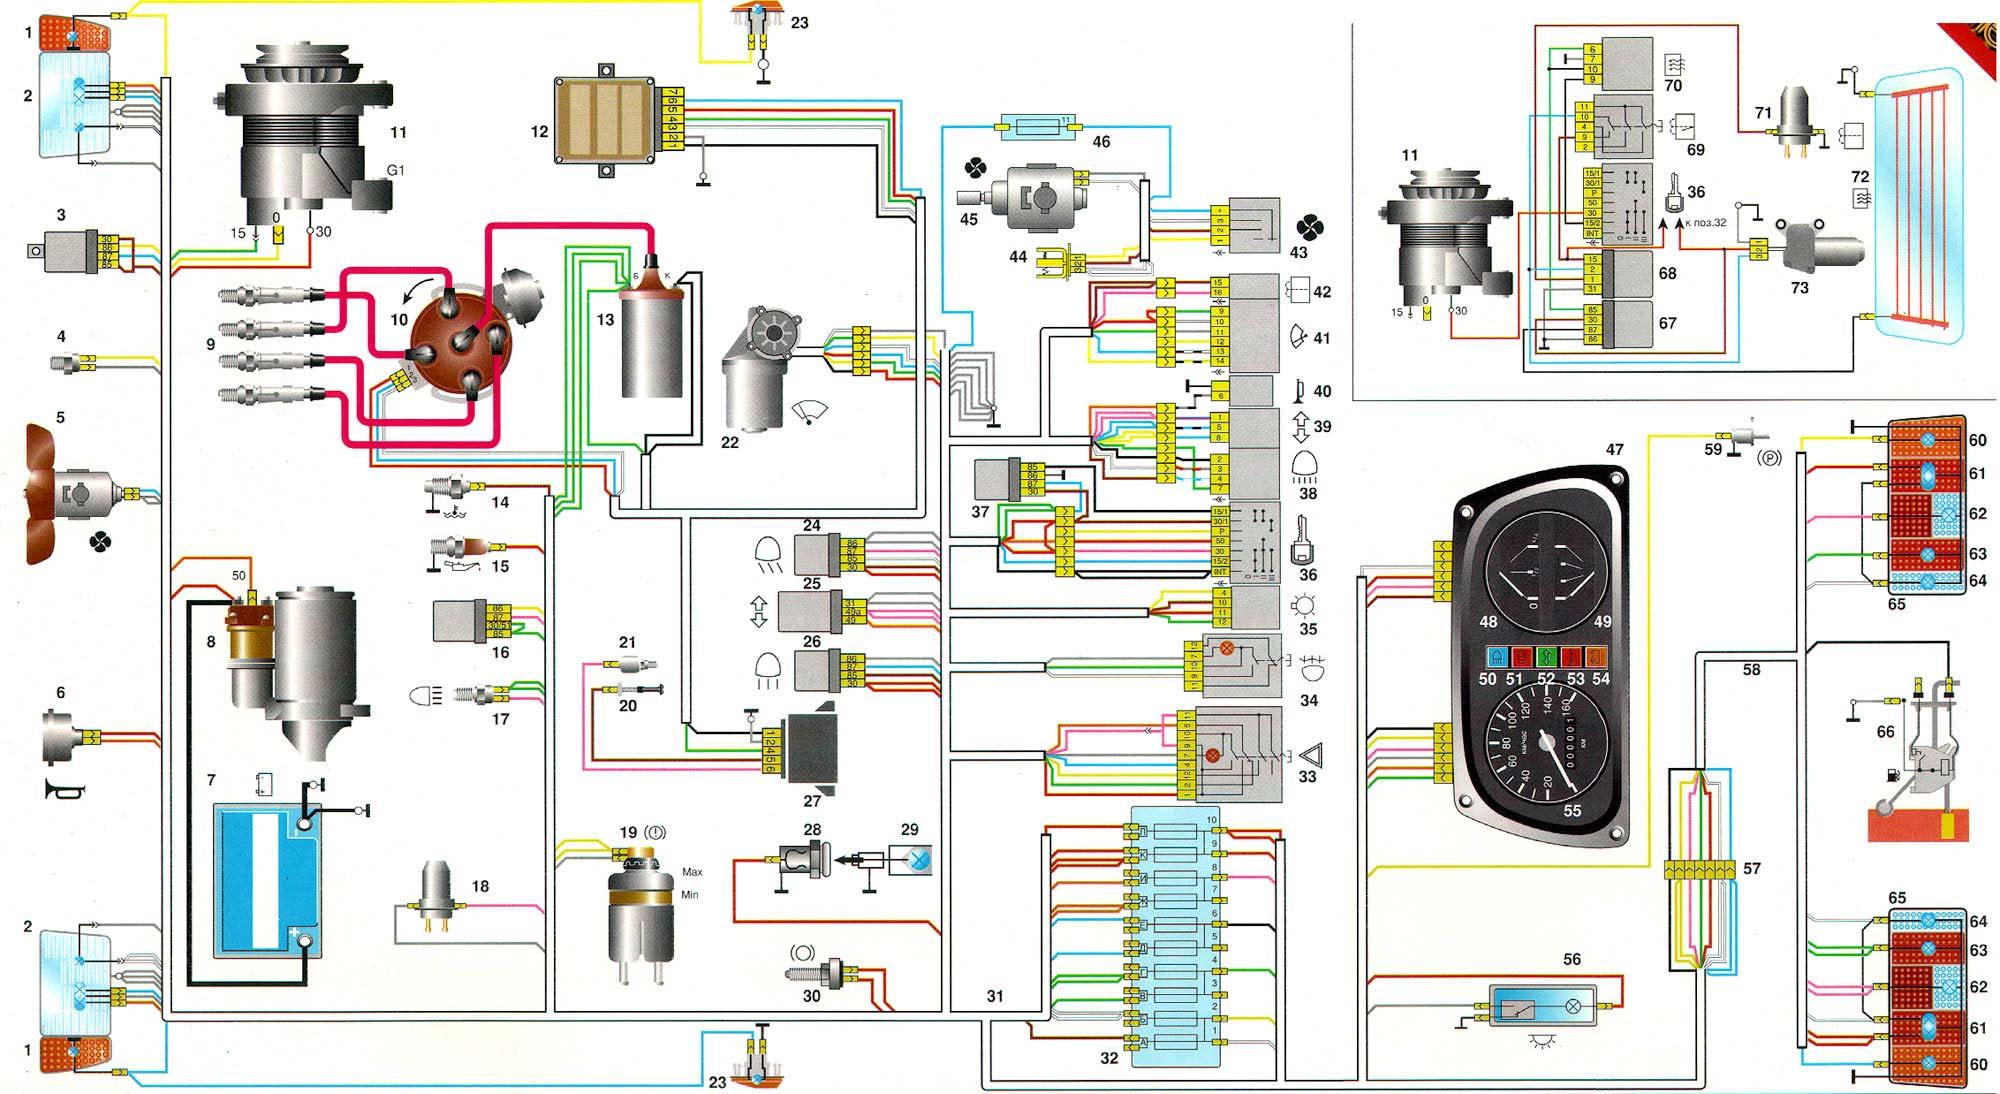 Принципиальная электрическая схема центрального кондиционера.  Меган 3 хэтчбек схема предохранителей.